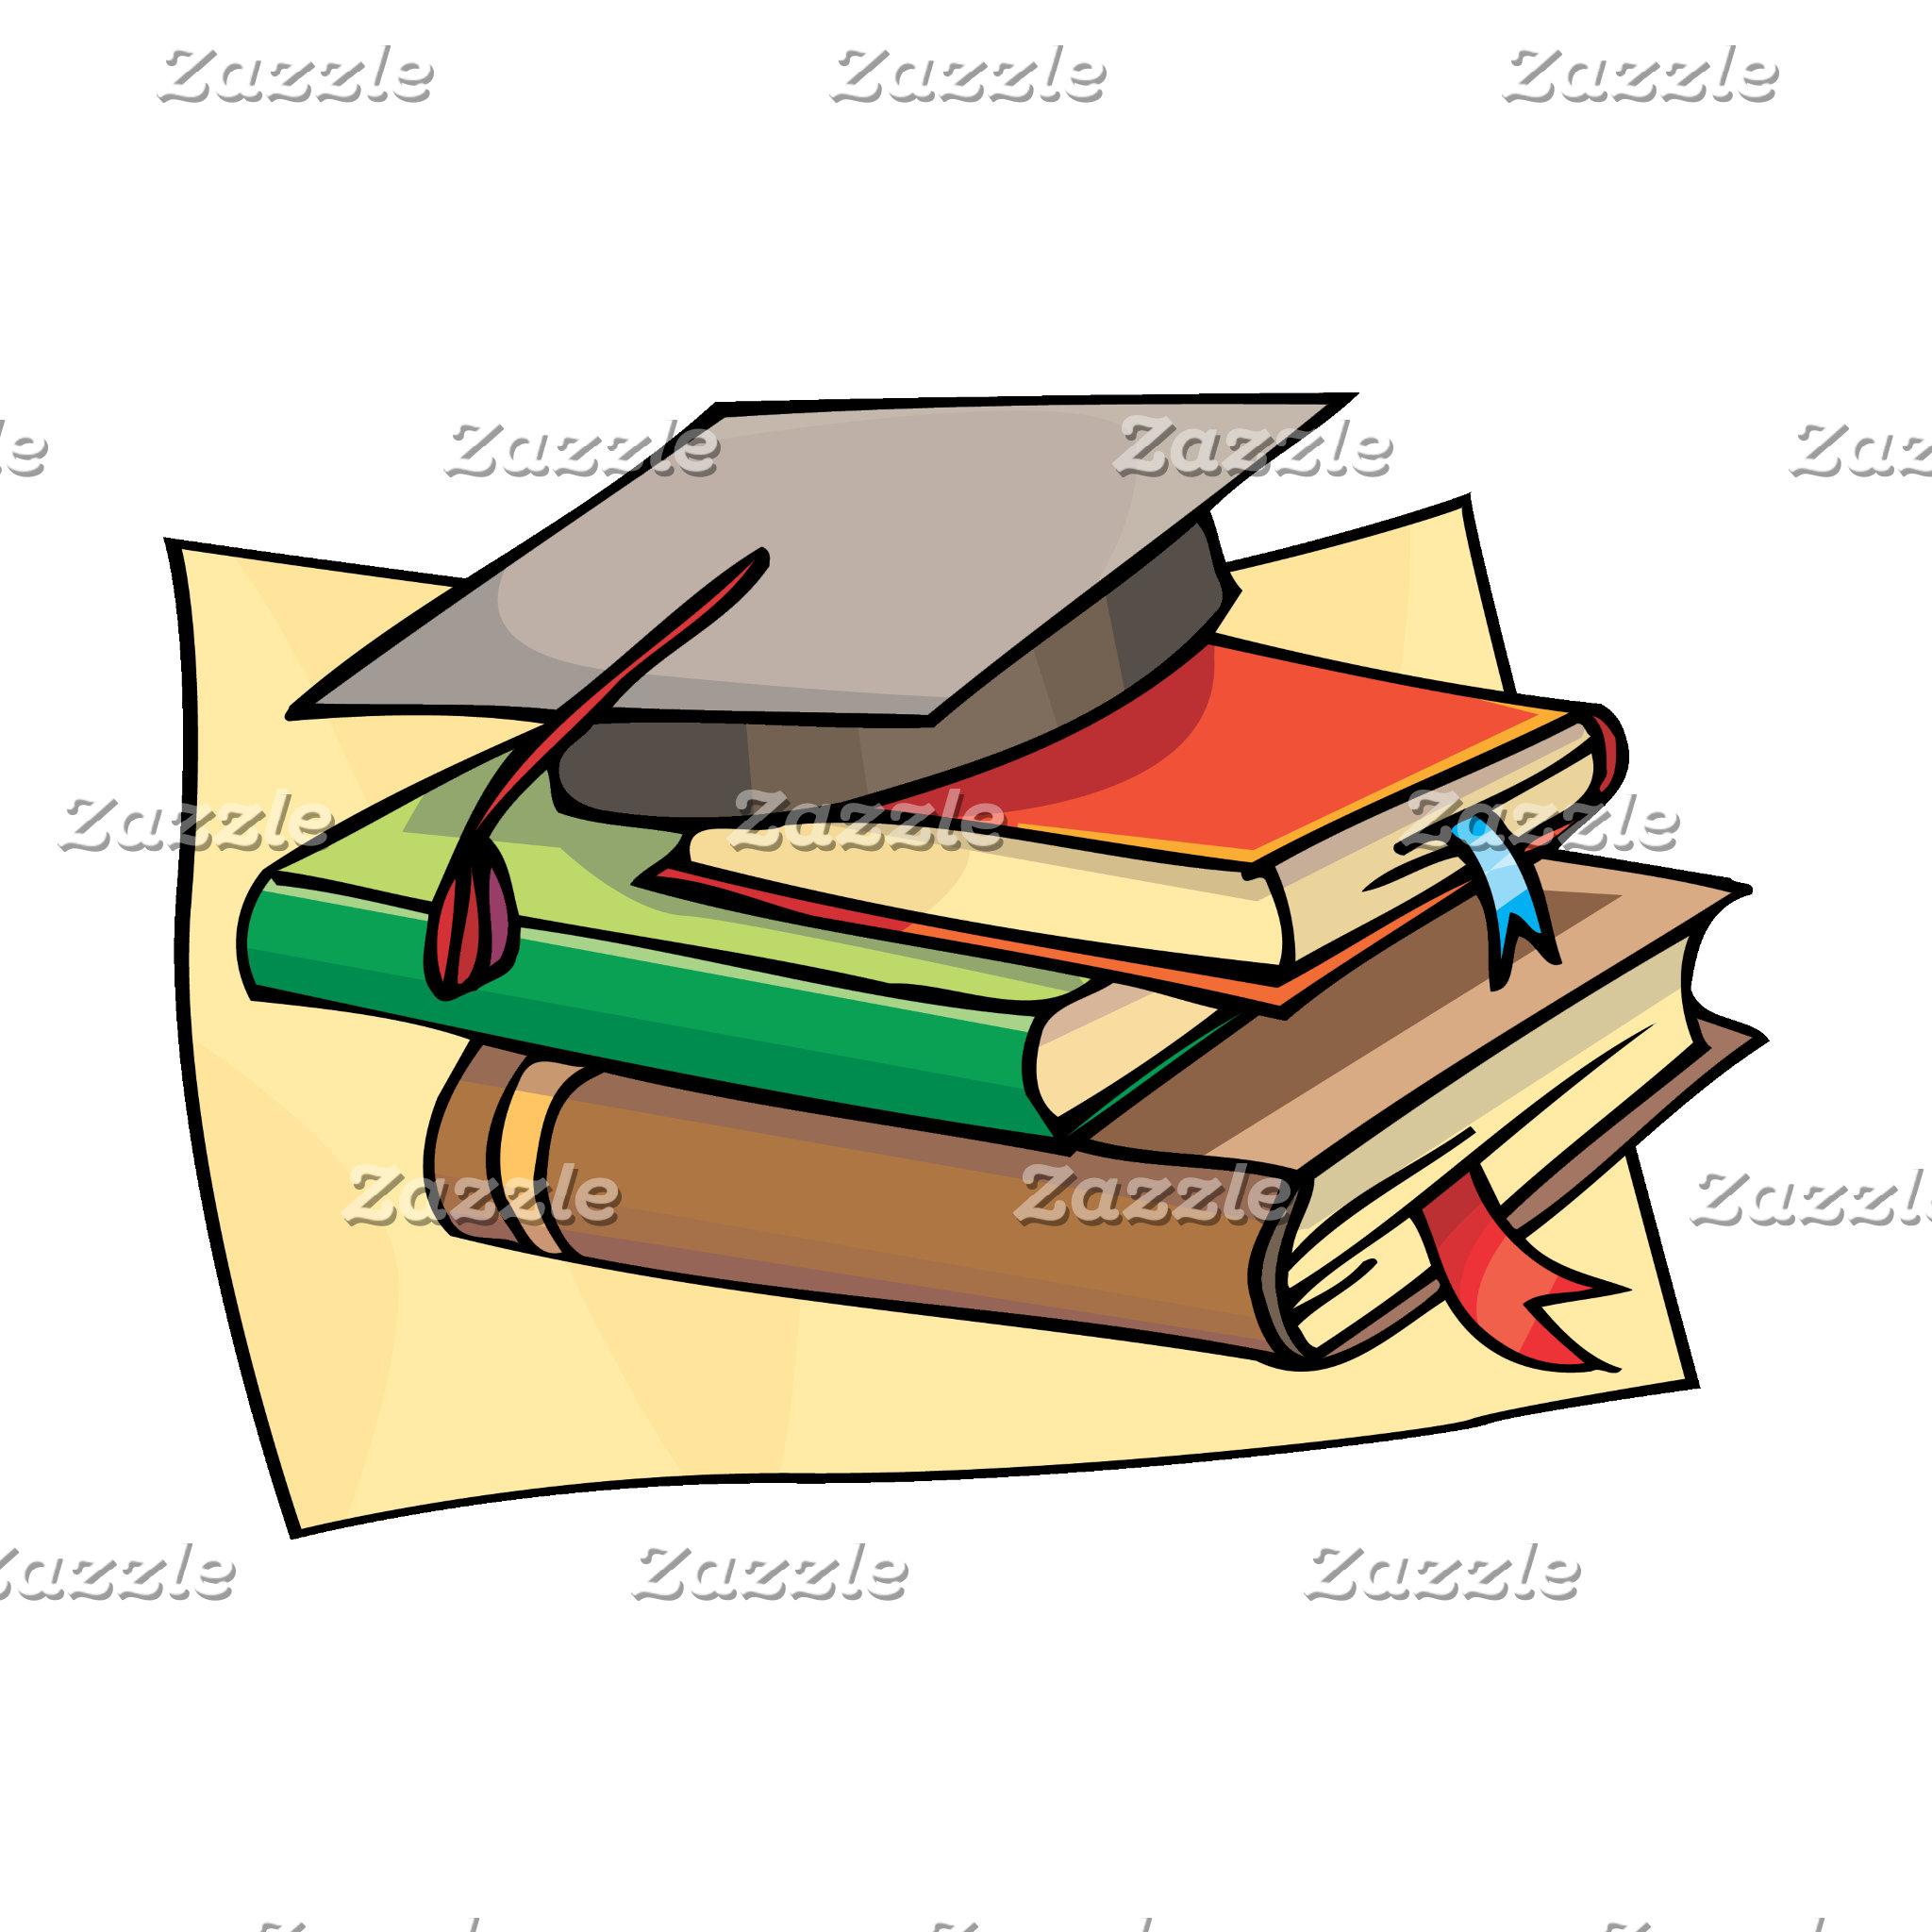 Cap and books